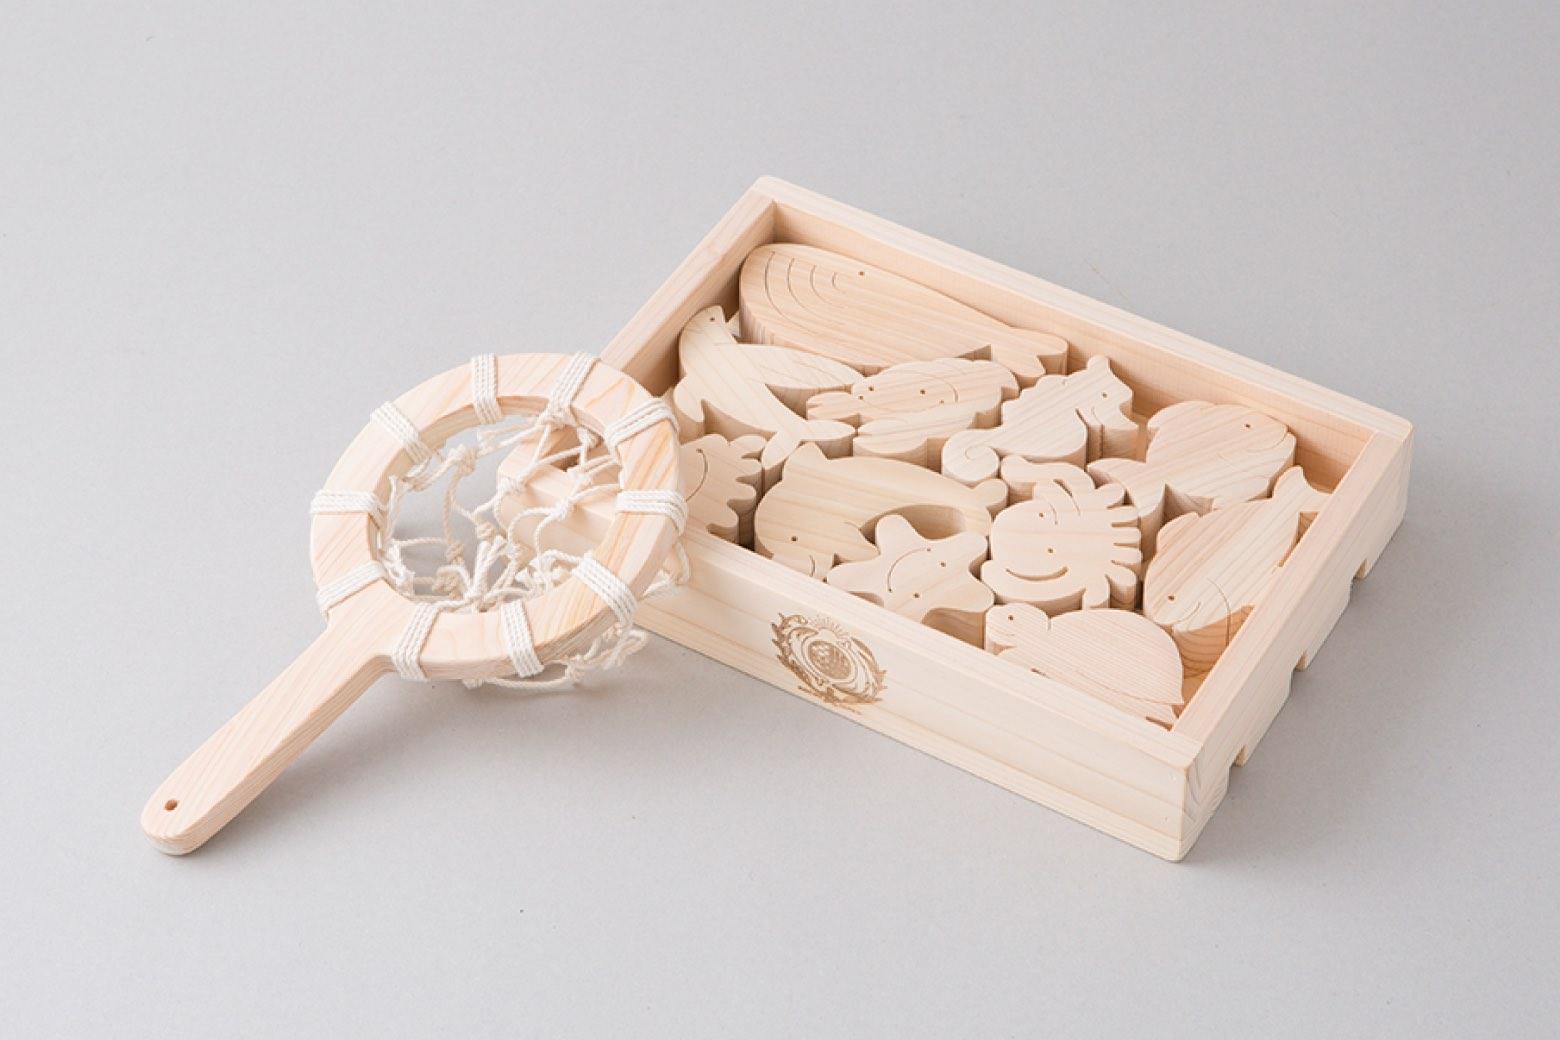 大ヒットになったお風呂用木製玩具「おふろでちゃぷちゃぷ」